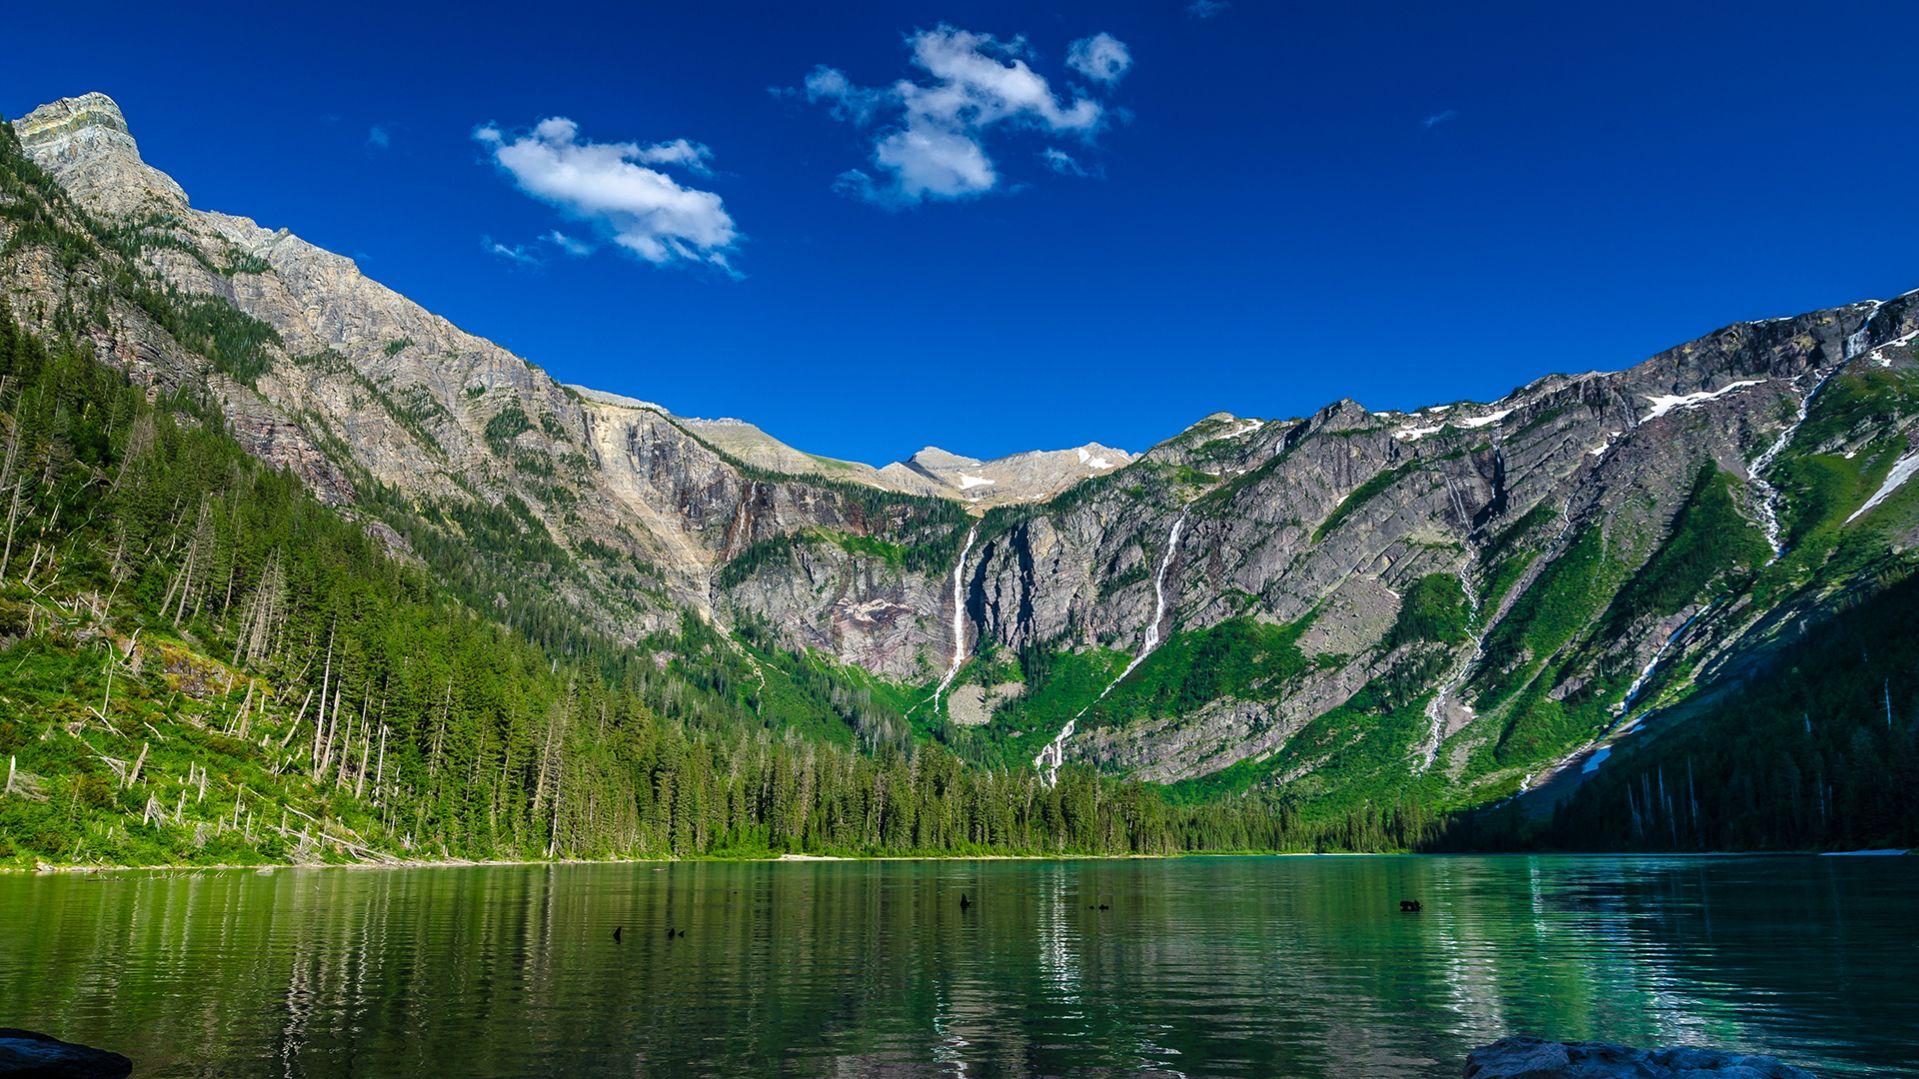 Hiking to Lake Serene | Forterra